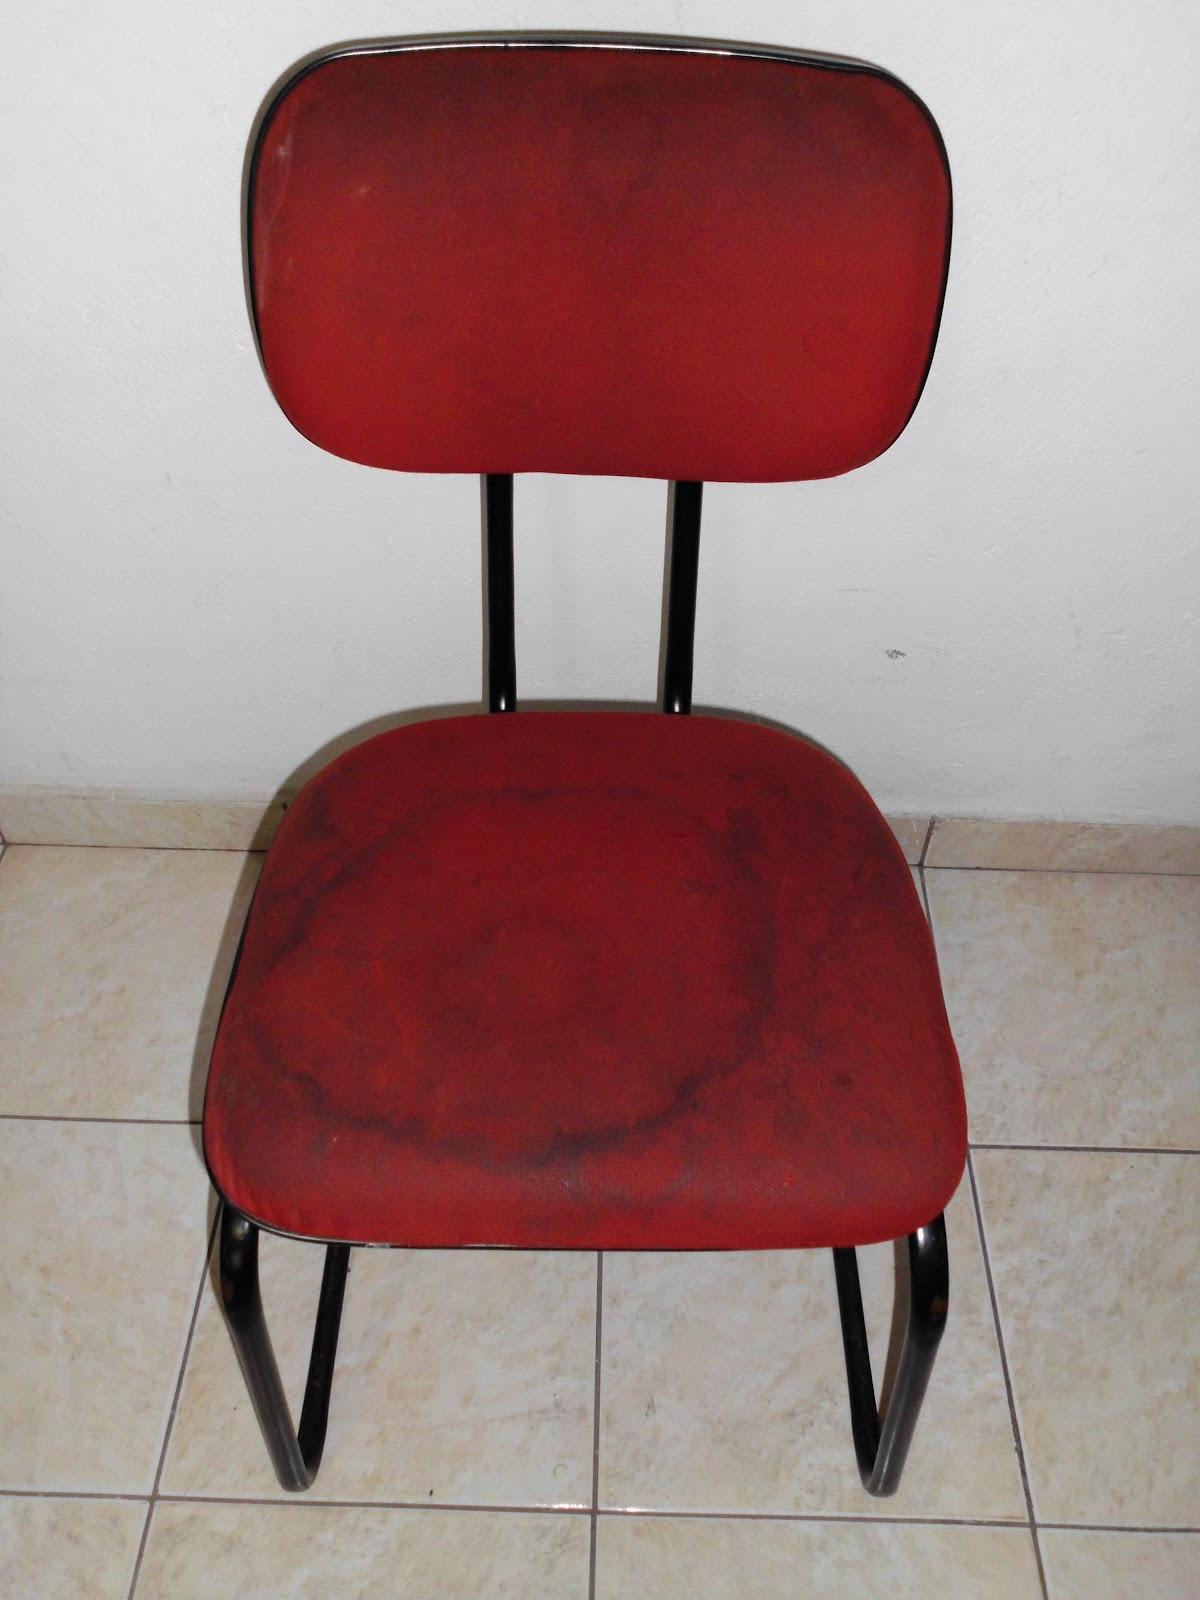 Artes e Badulaques: Reforma da Cadeira #731C20 1200x1600